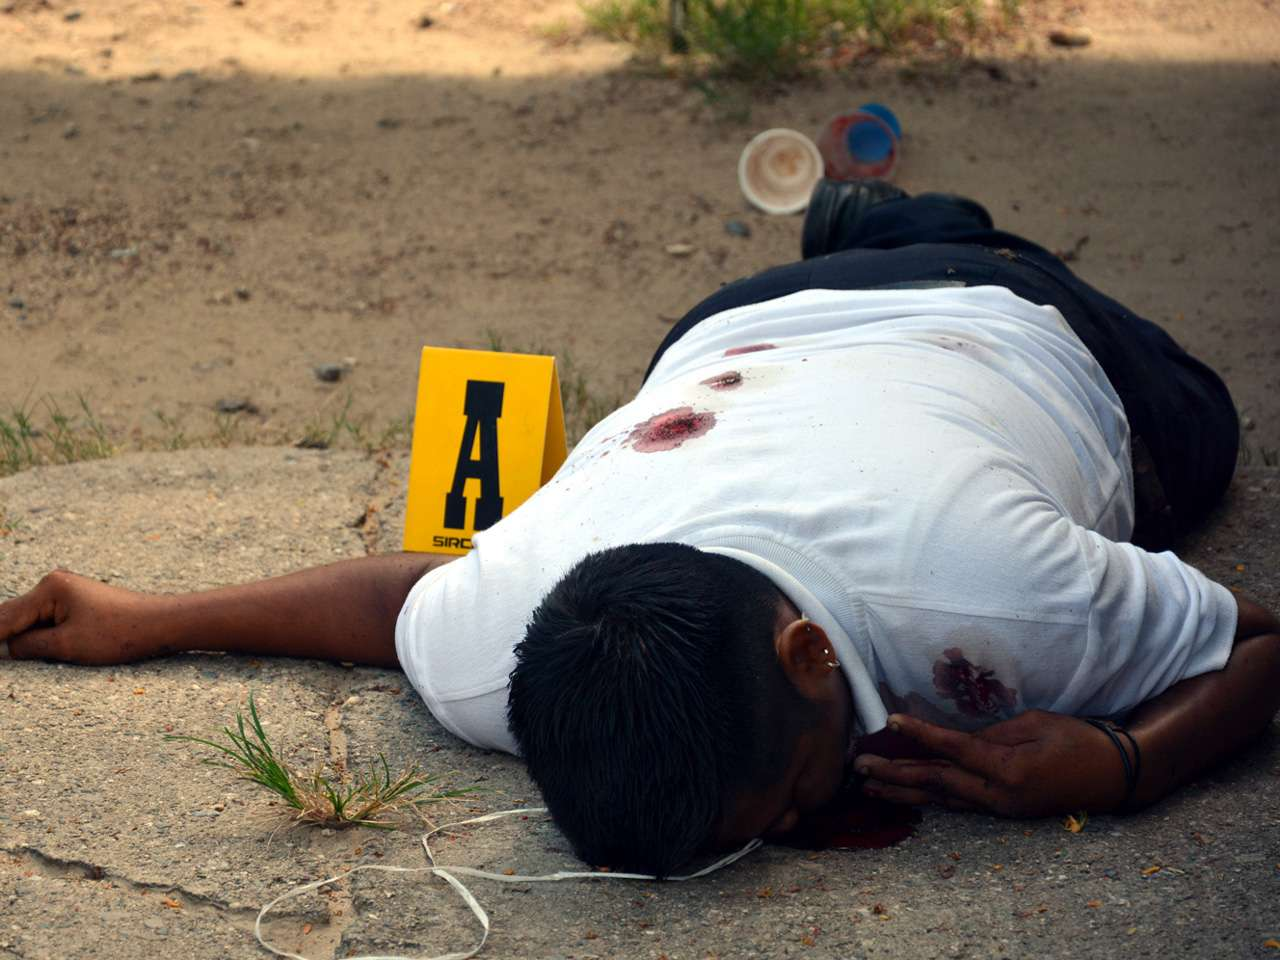 06-octubre-2014.- Hombre ejecutado en Acapulco. Se escucharon varias detonaciones de arma de fuego cerca de la Central de Abastos de Acapulco y sobre la Avenida El Quemado quedó una persona muerta. Foto: Reforma